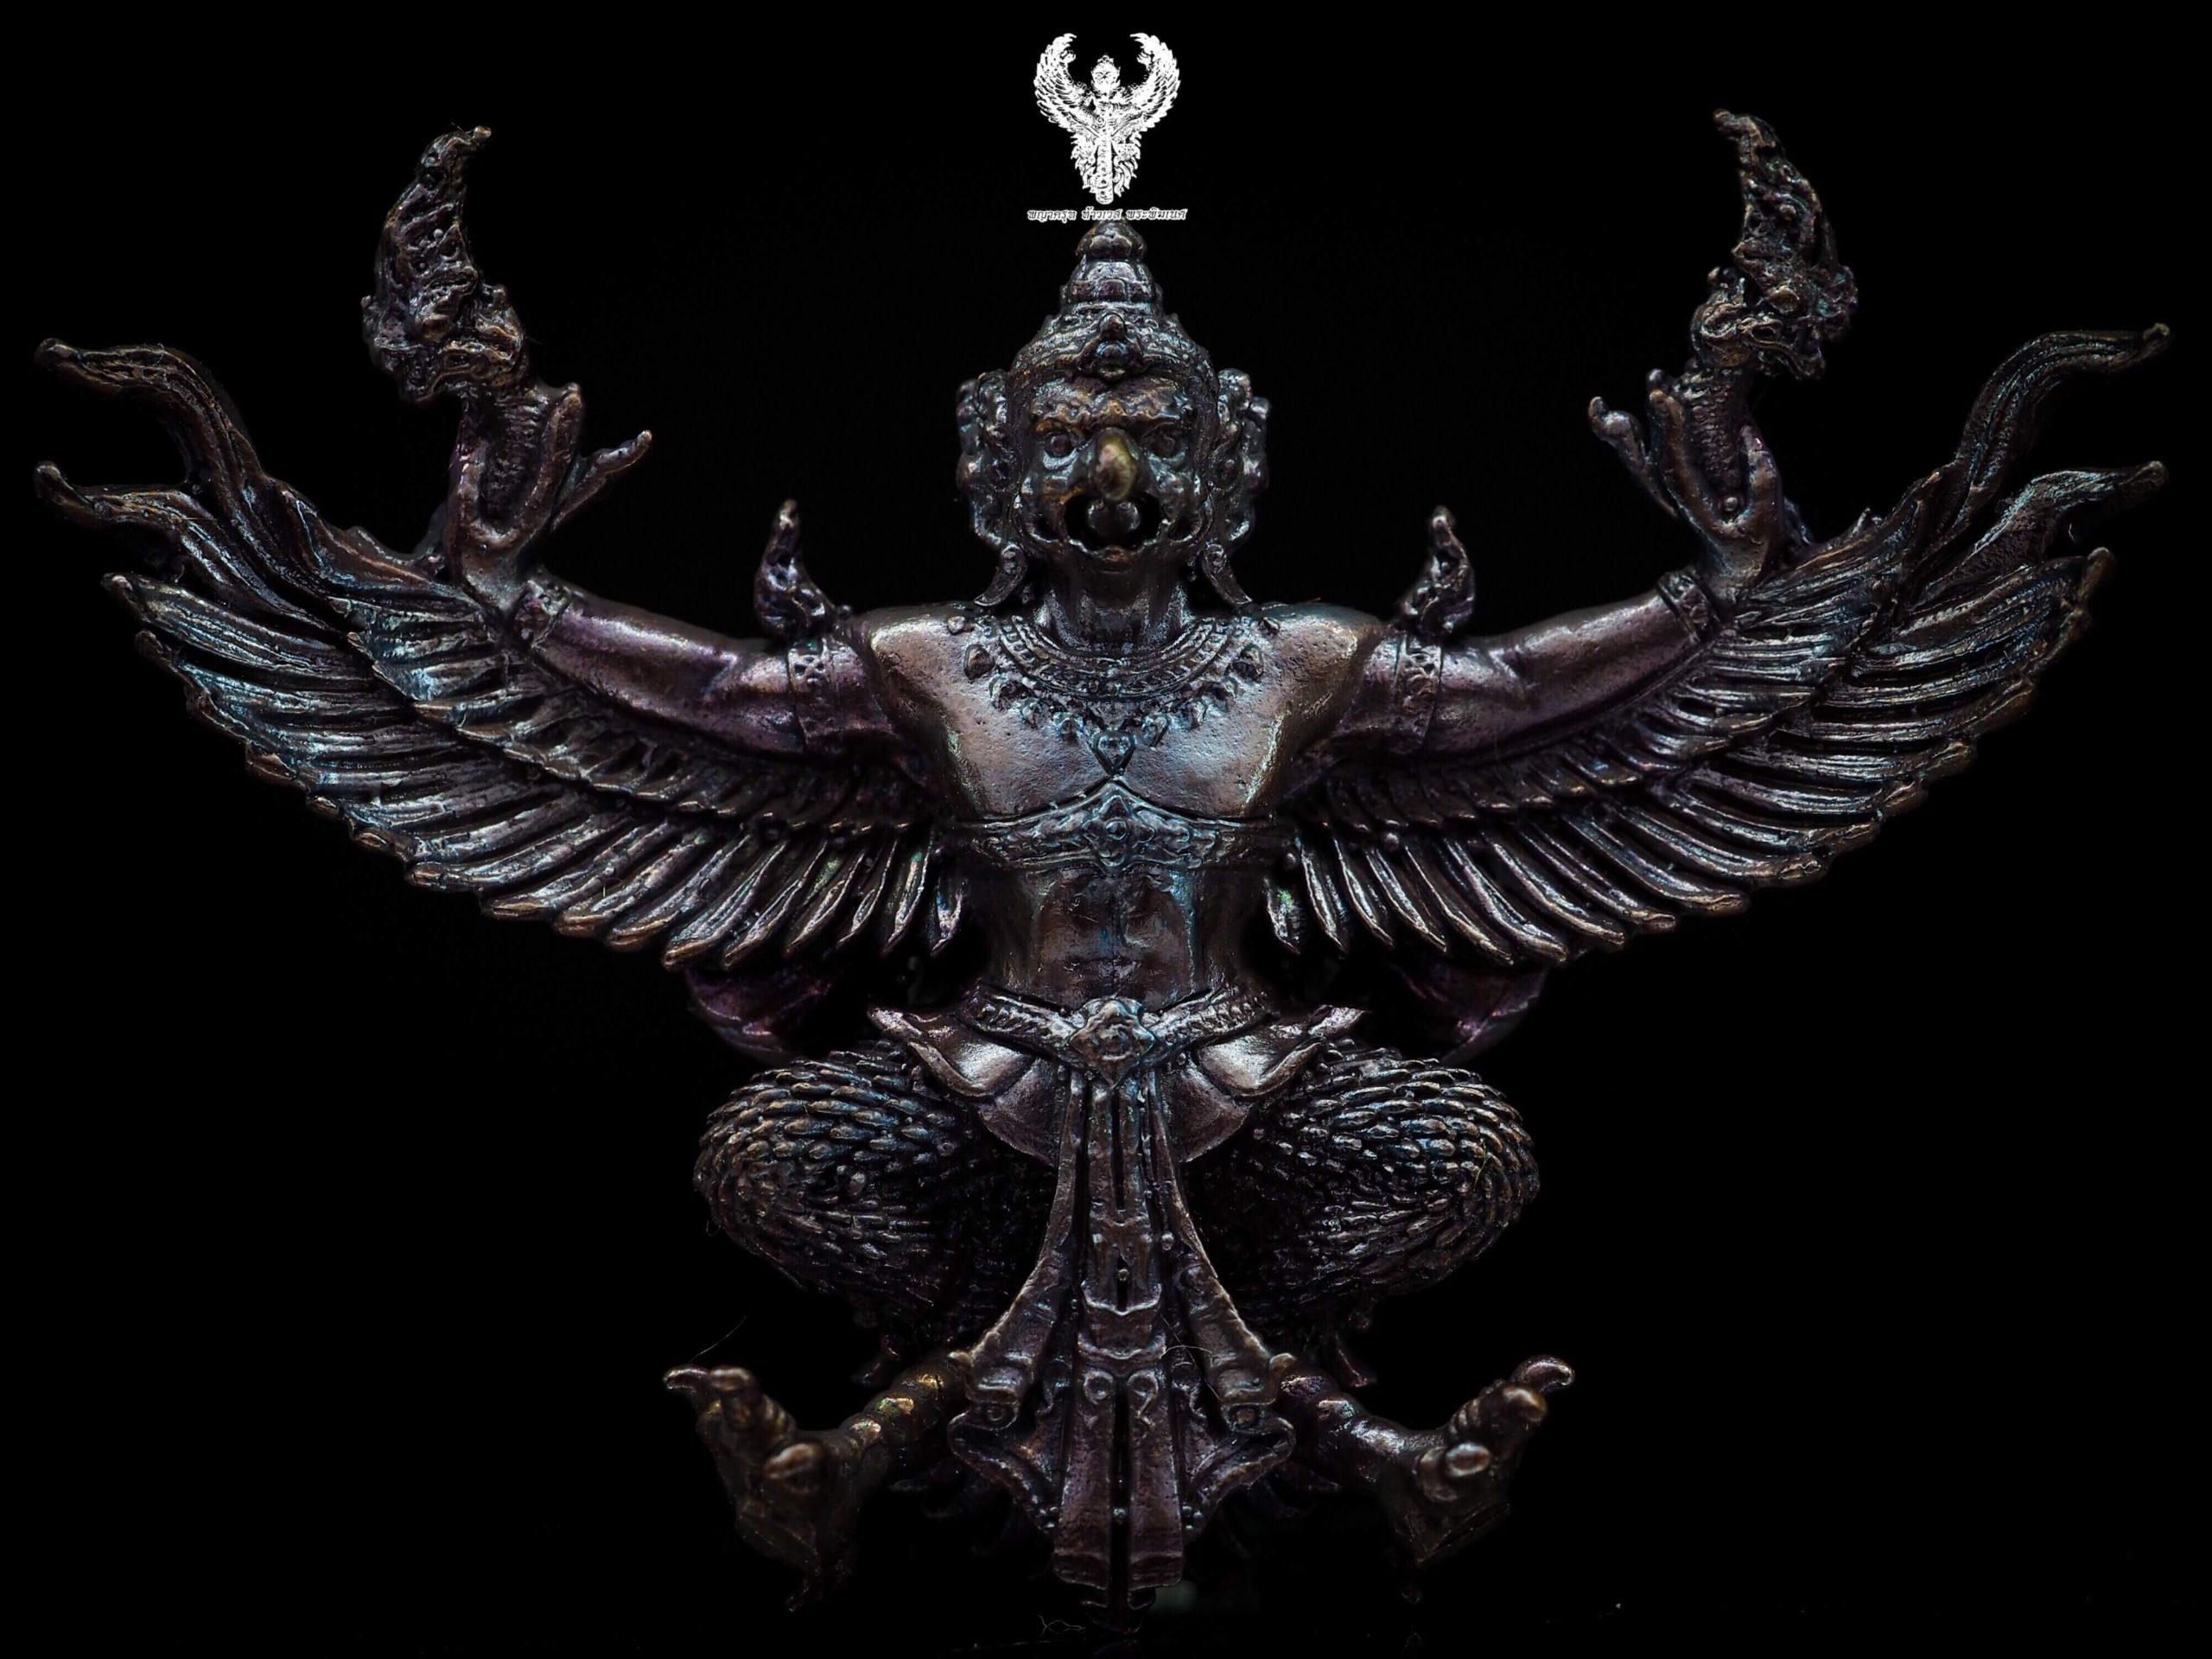 พญาครุฑโทครุฑามหาราช